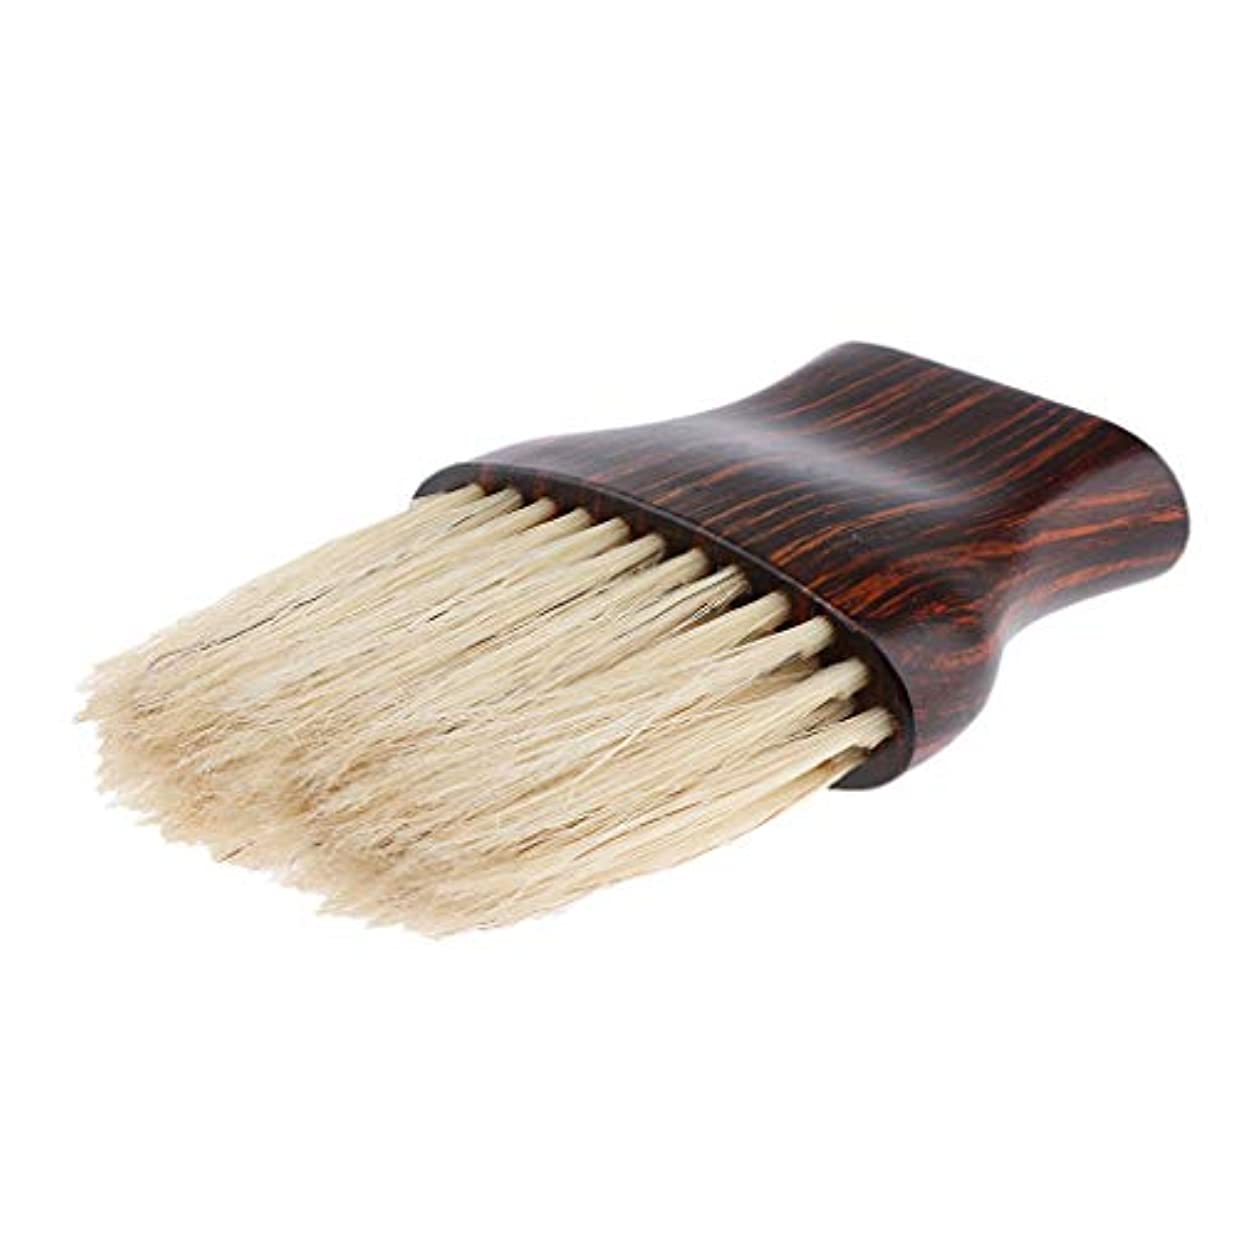 天井イル侵略Toygogo ネックダスターブラシ ヘアカットブラシ クリーニング ブラシ 毛払いブラシ 散髪 髪切り